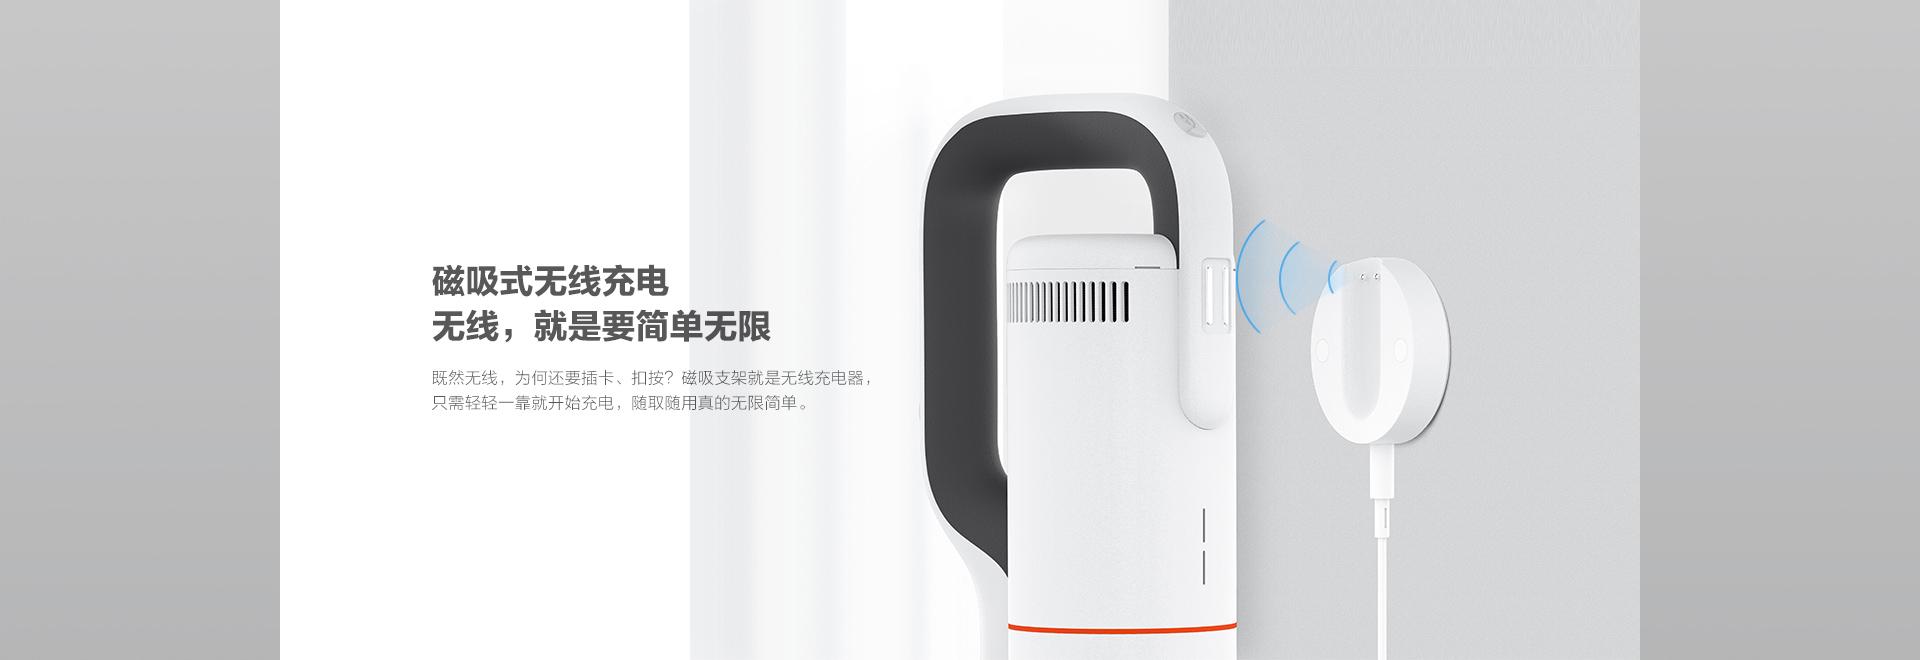 睿米手持无线吸尘器采用了磁吸式无线充电